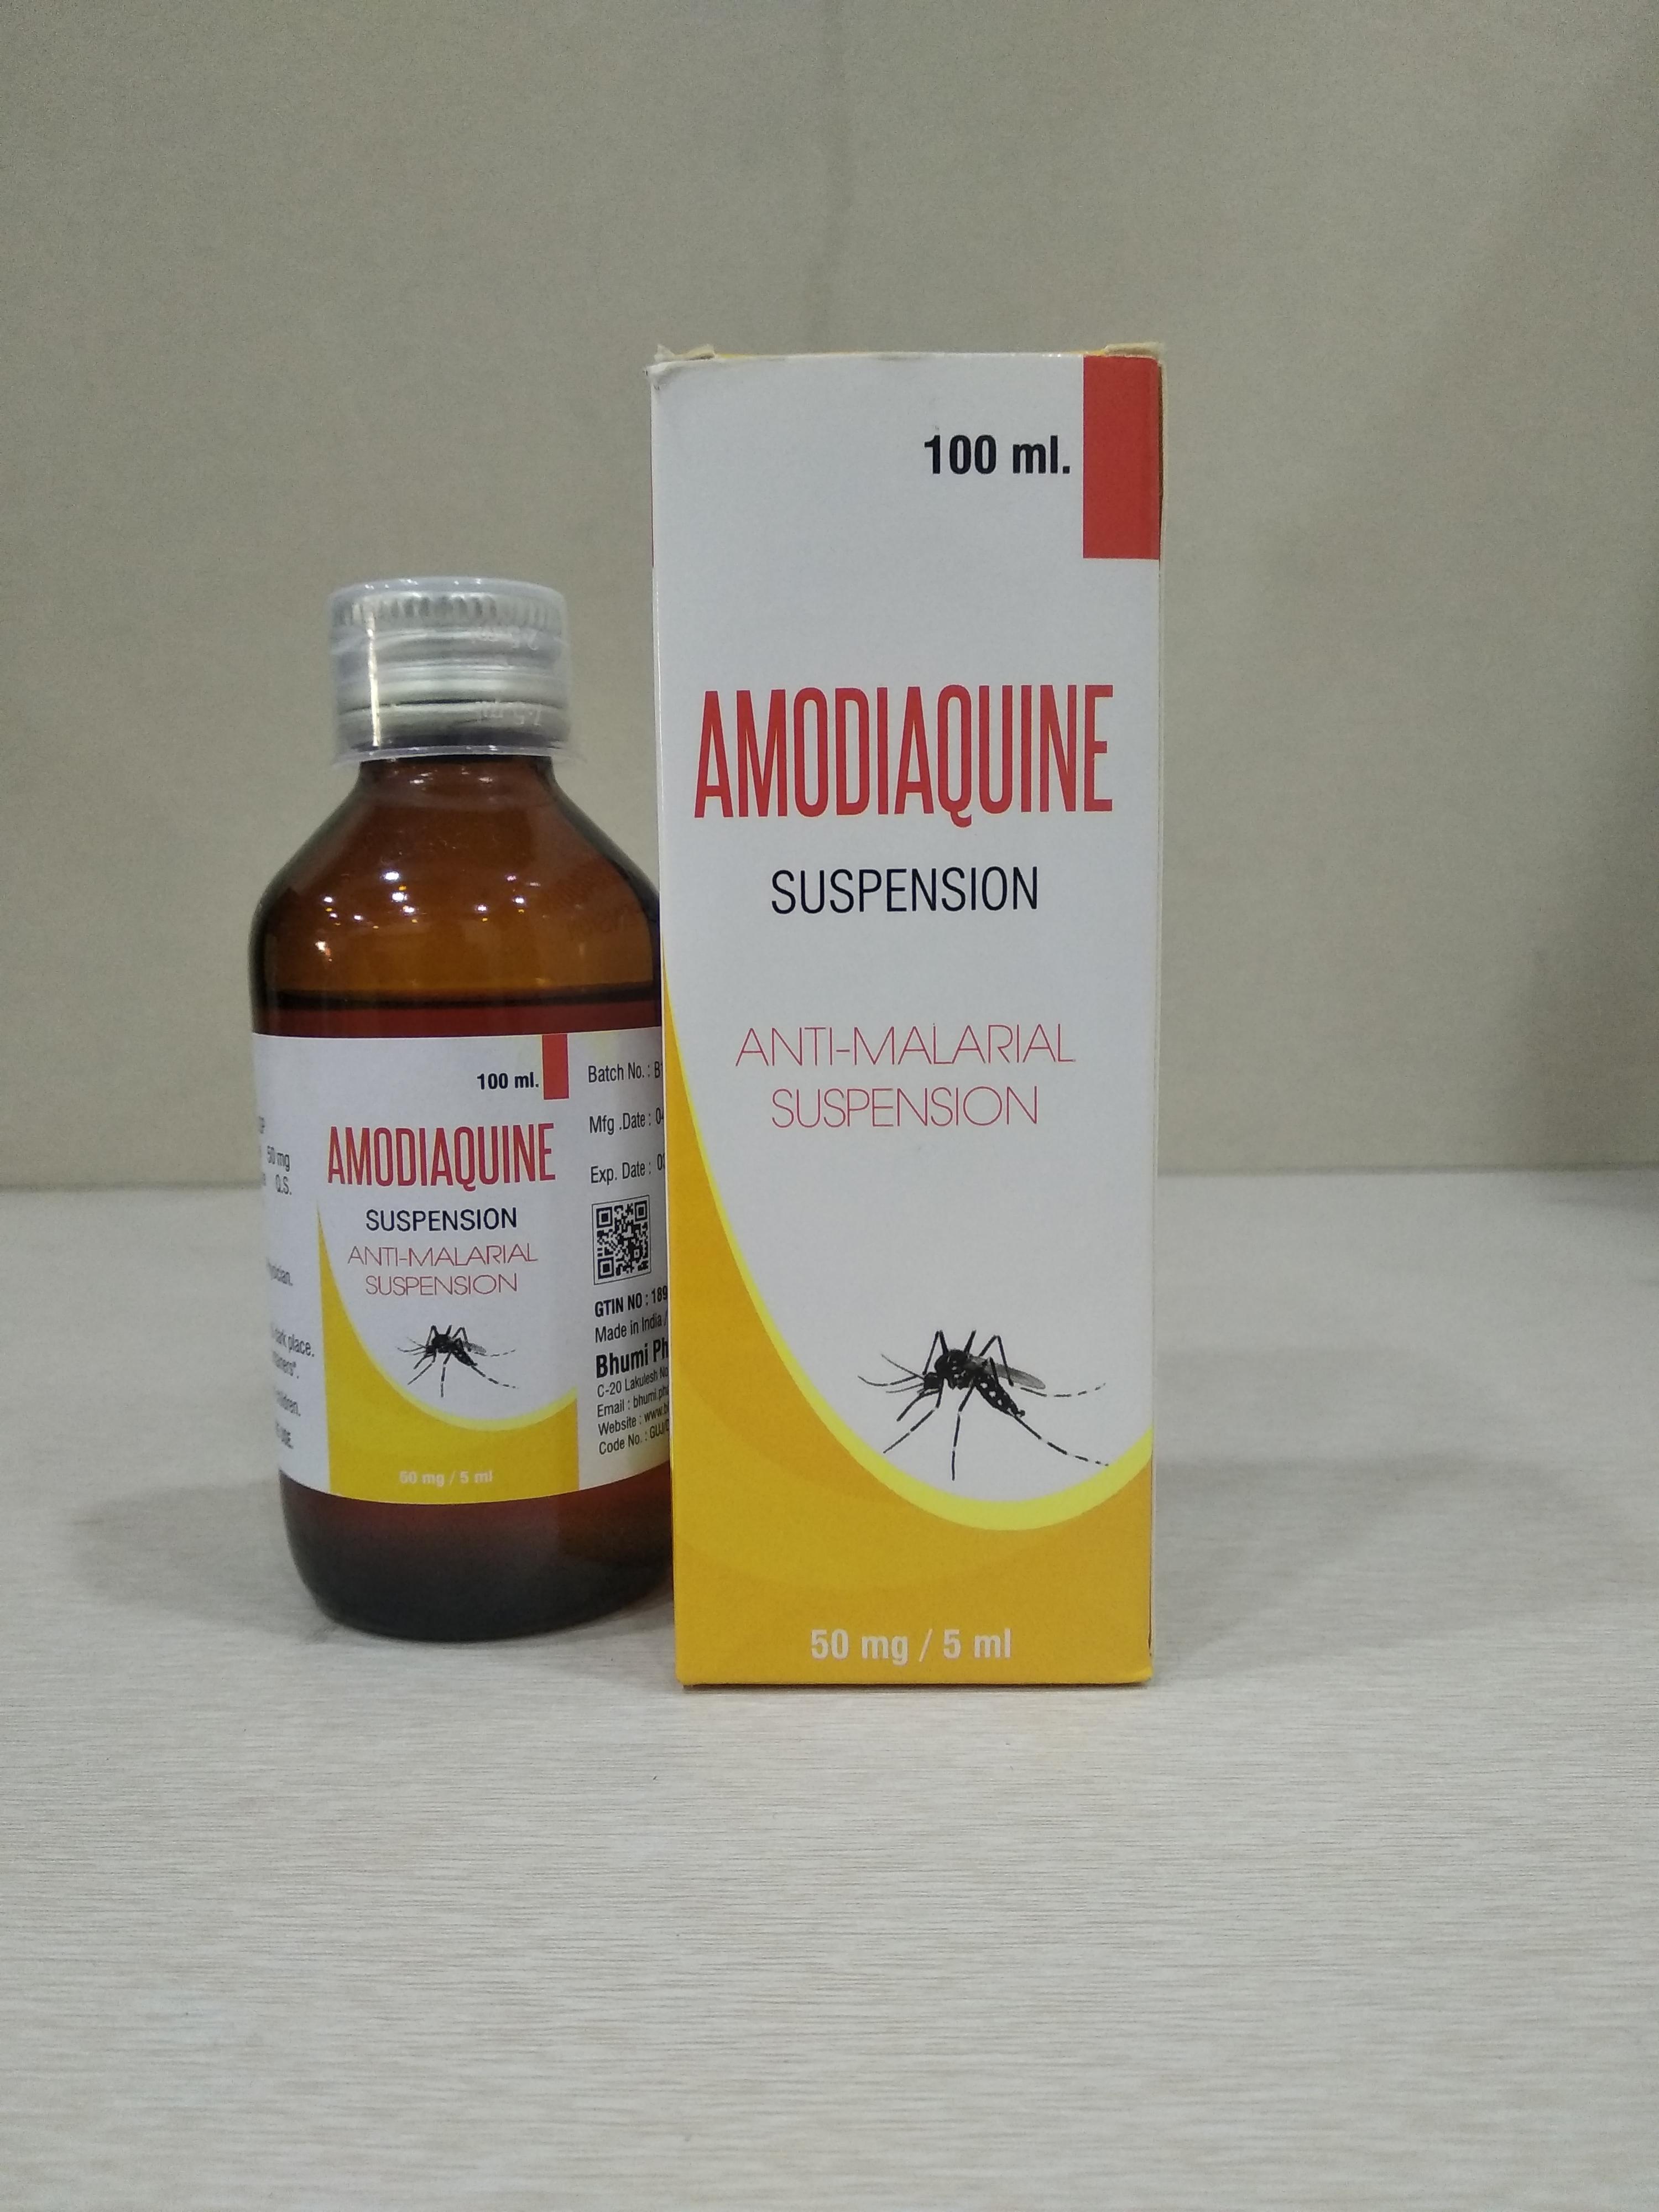 Amodiaquine Suspension